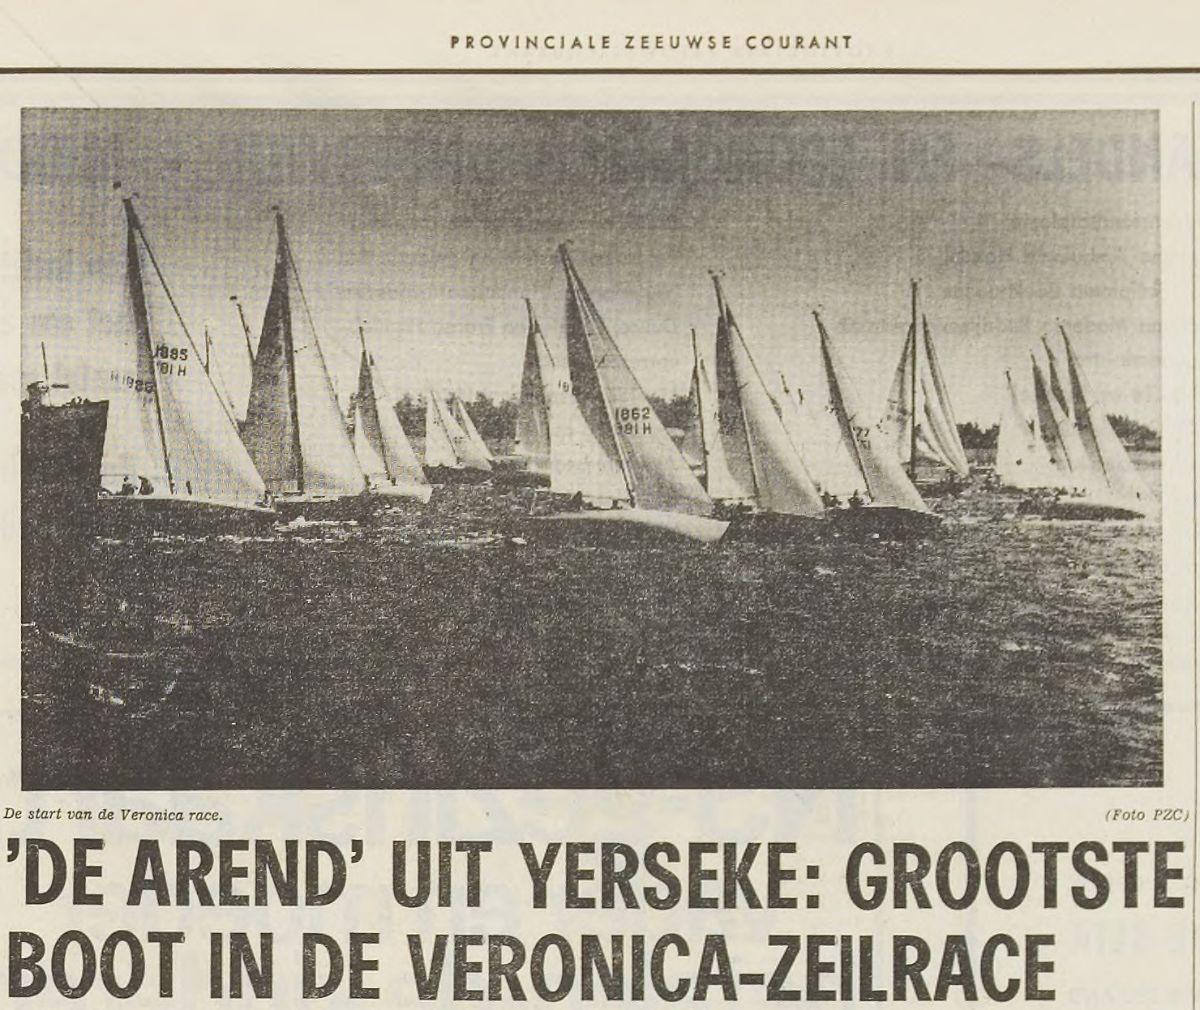 50 jaar Deltaweekend, een feestje waard! Veronicarace terug